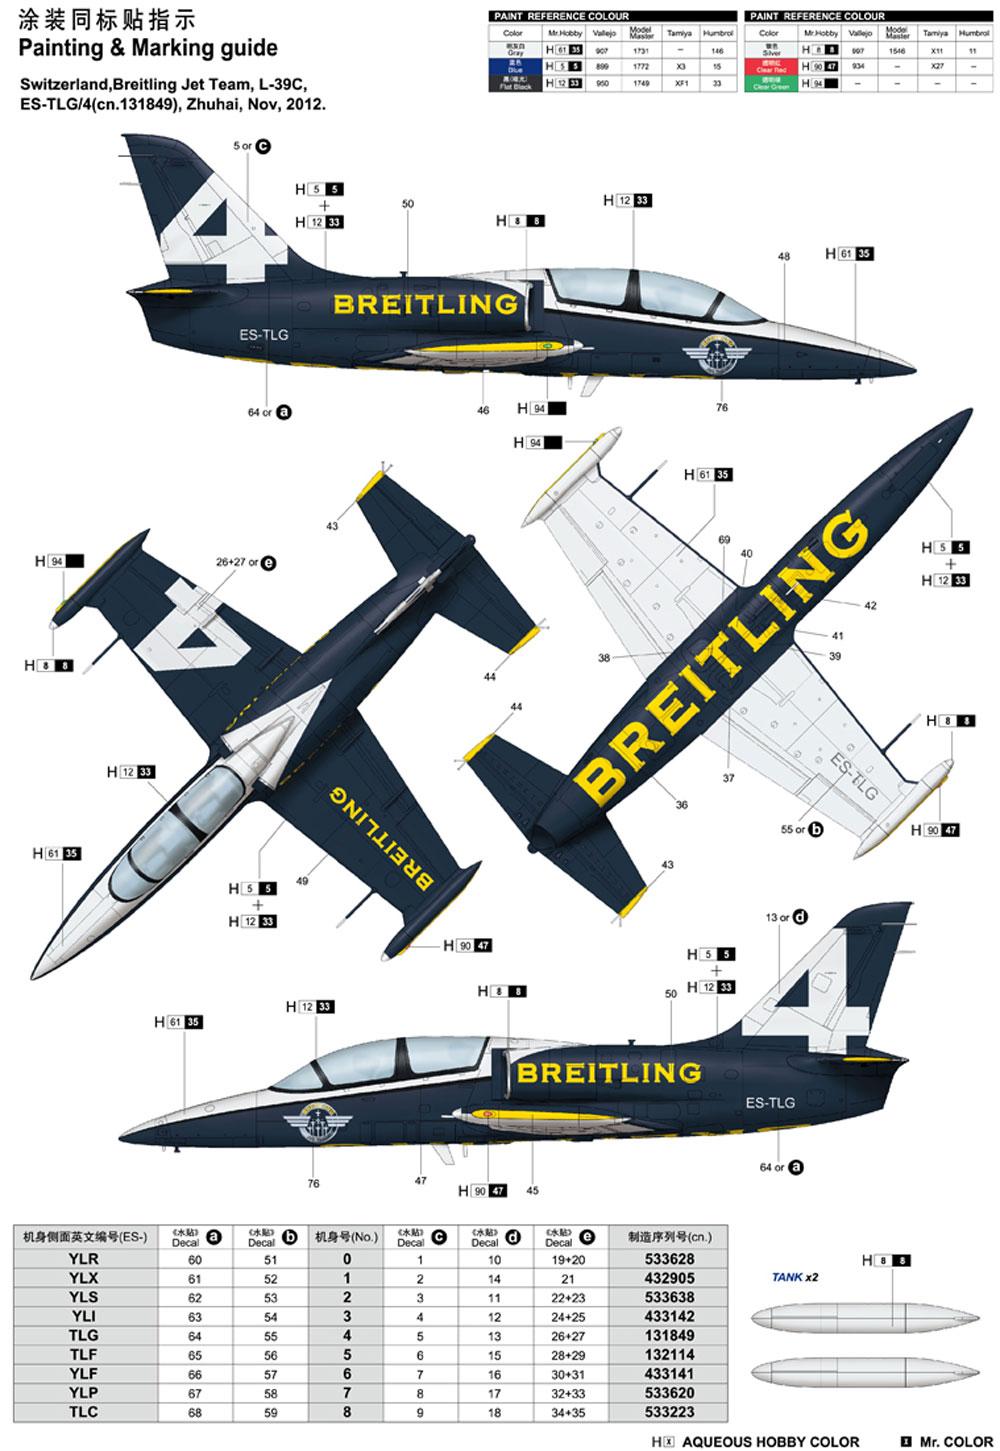 L-39C アルバトロスプラモデル(トランペッター1/48 エアクラフト プラモデルNo.05804)商品画像_2